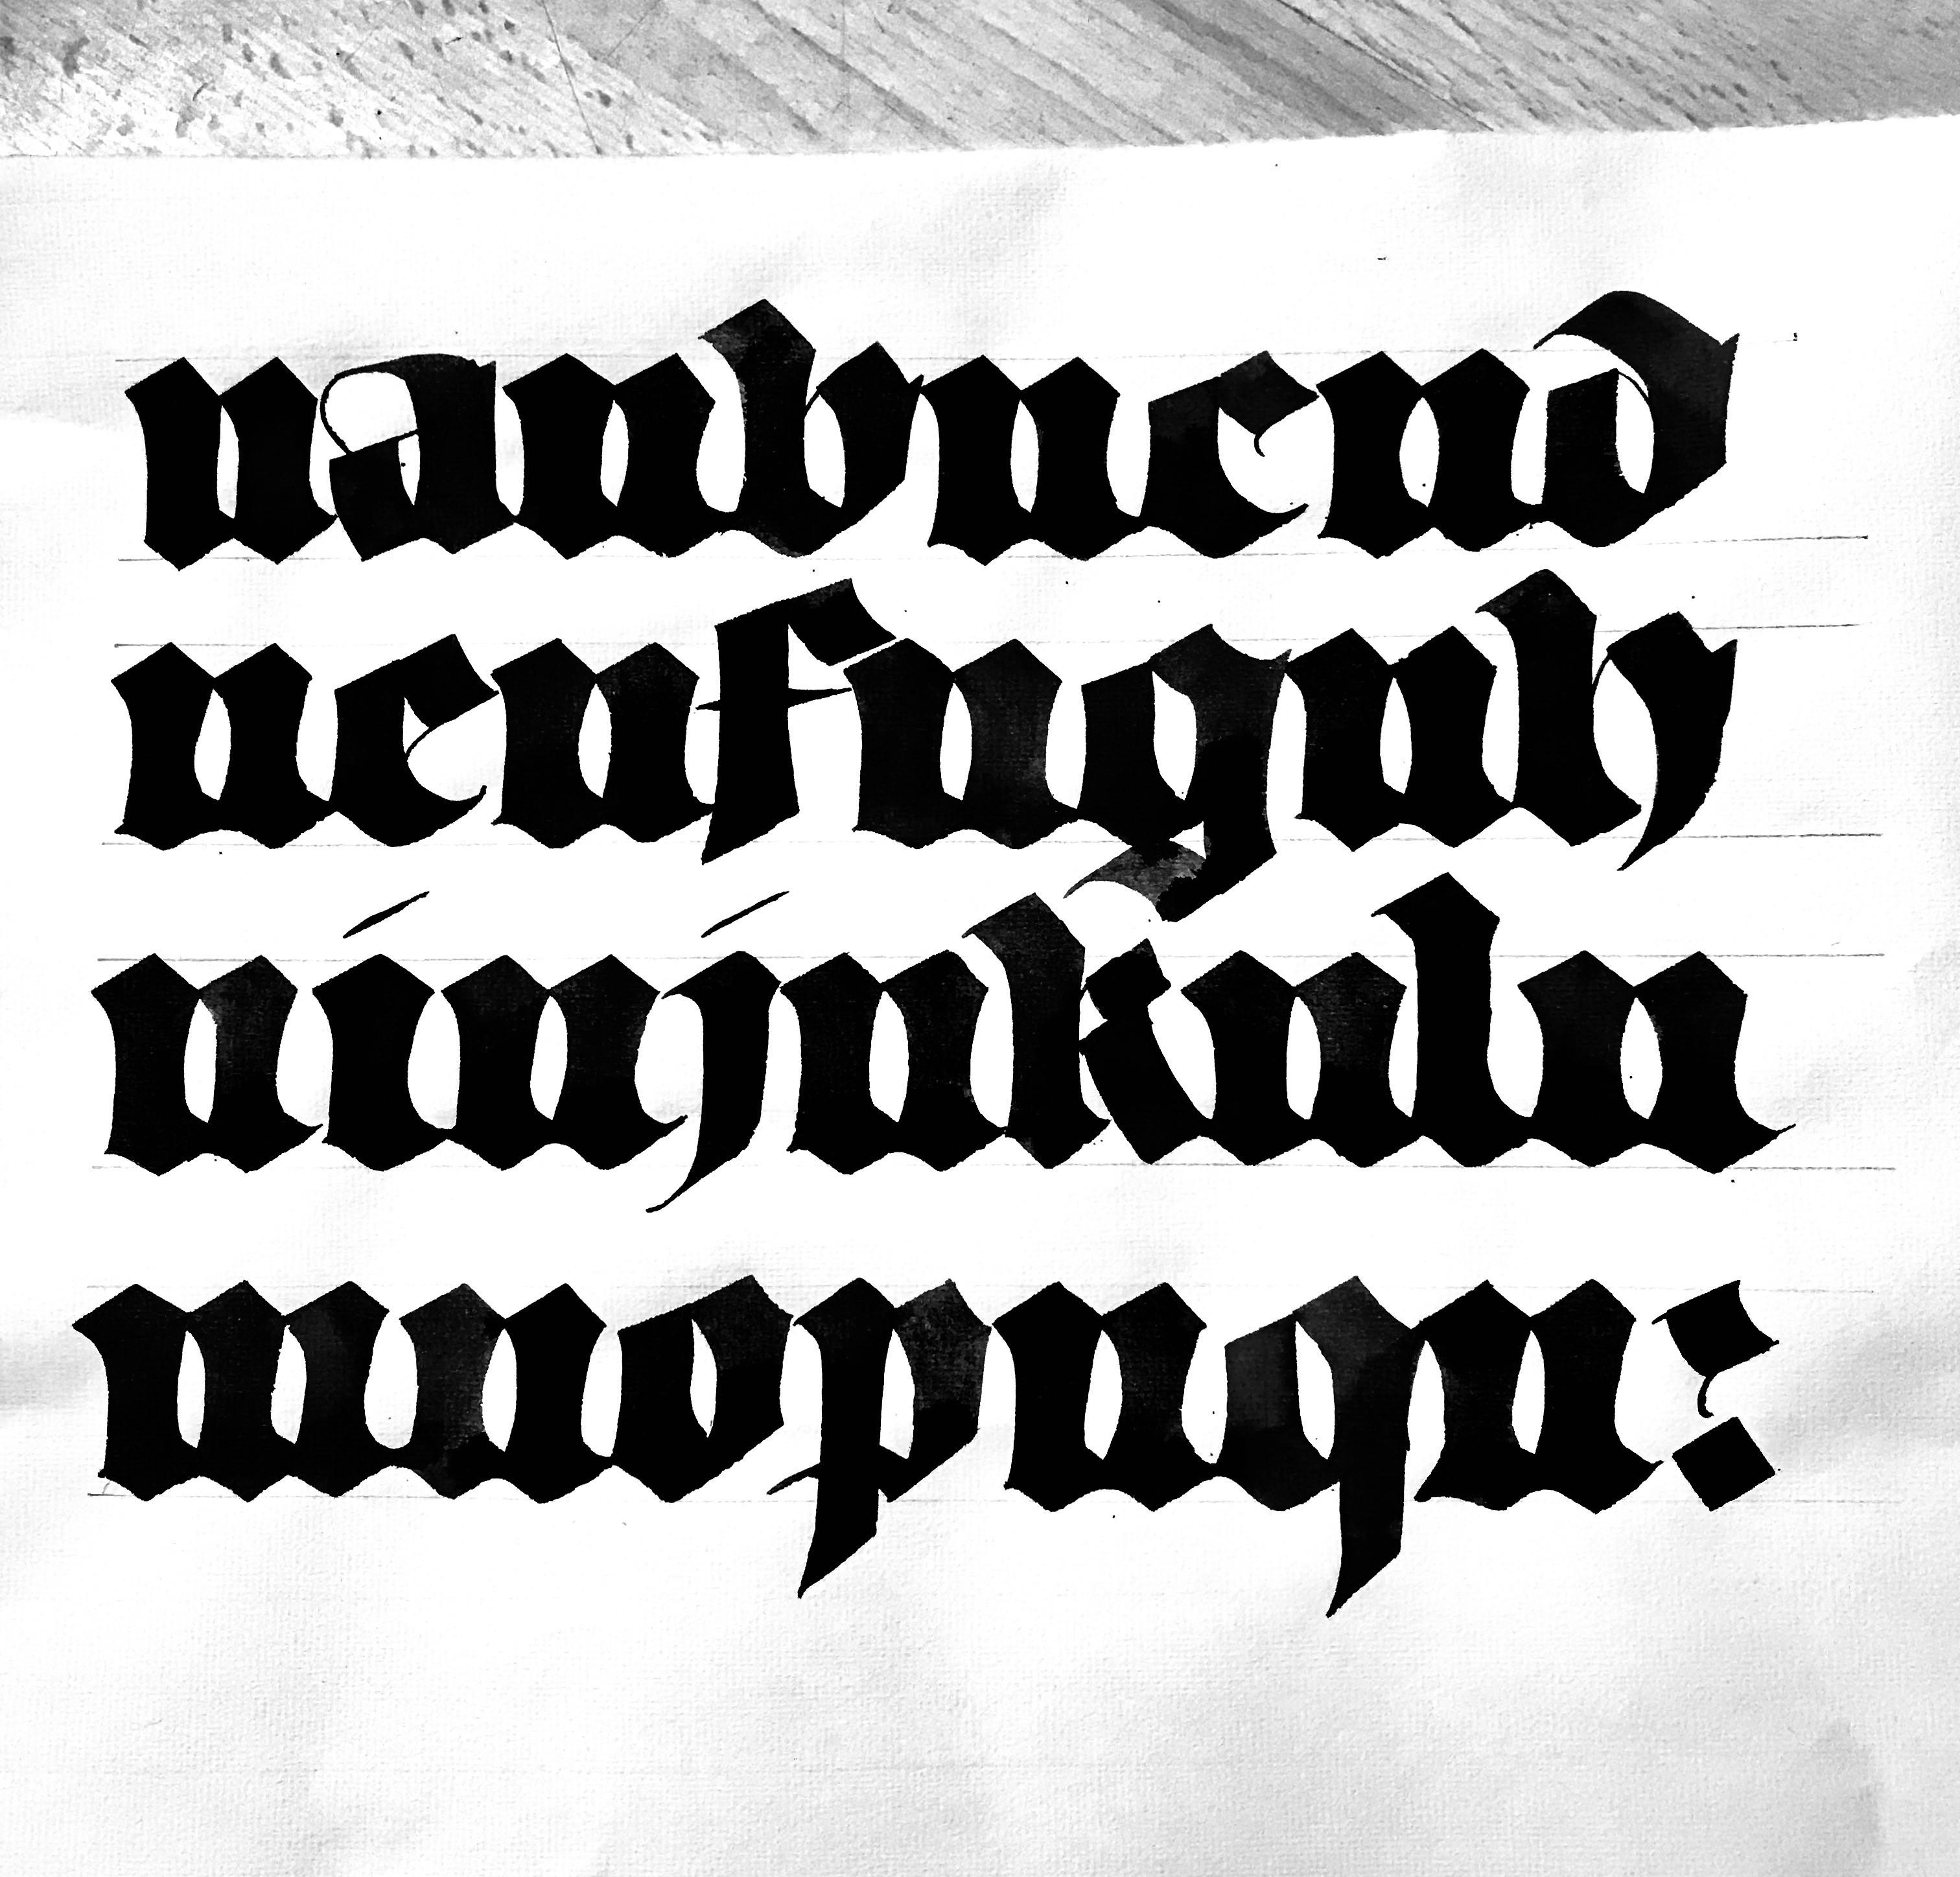 #calligraphie #calligraphy #gothique #gothic #textura